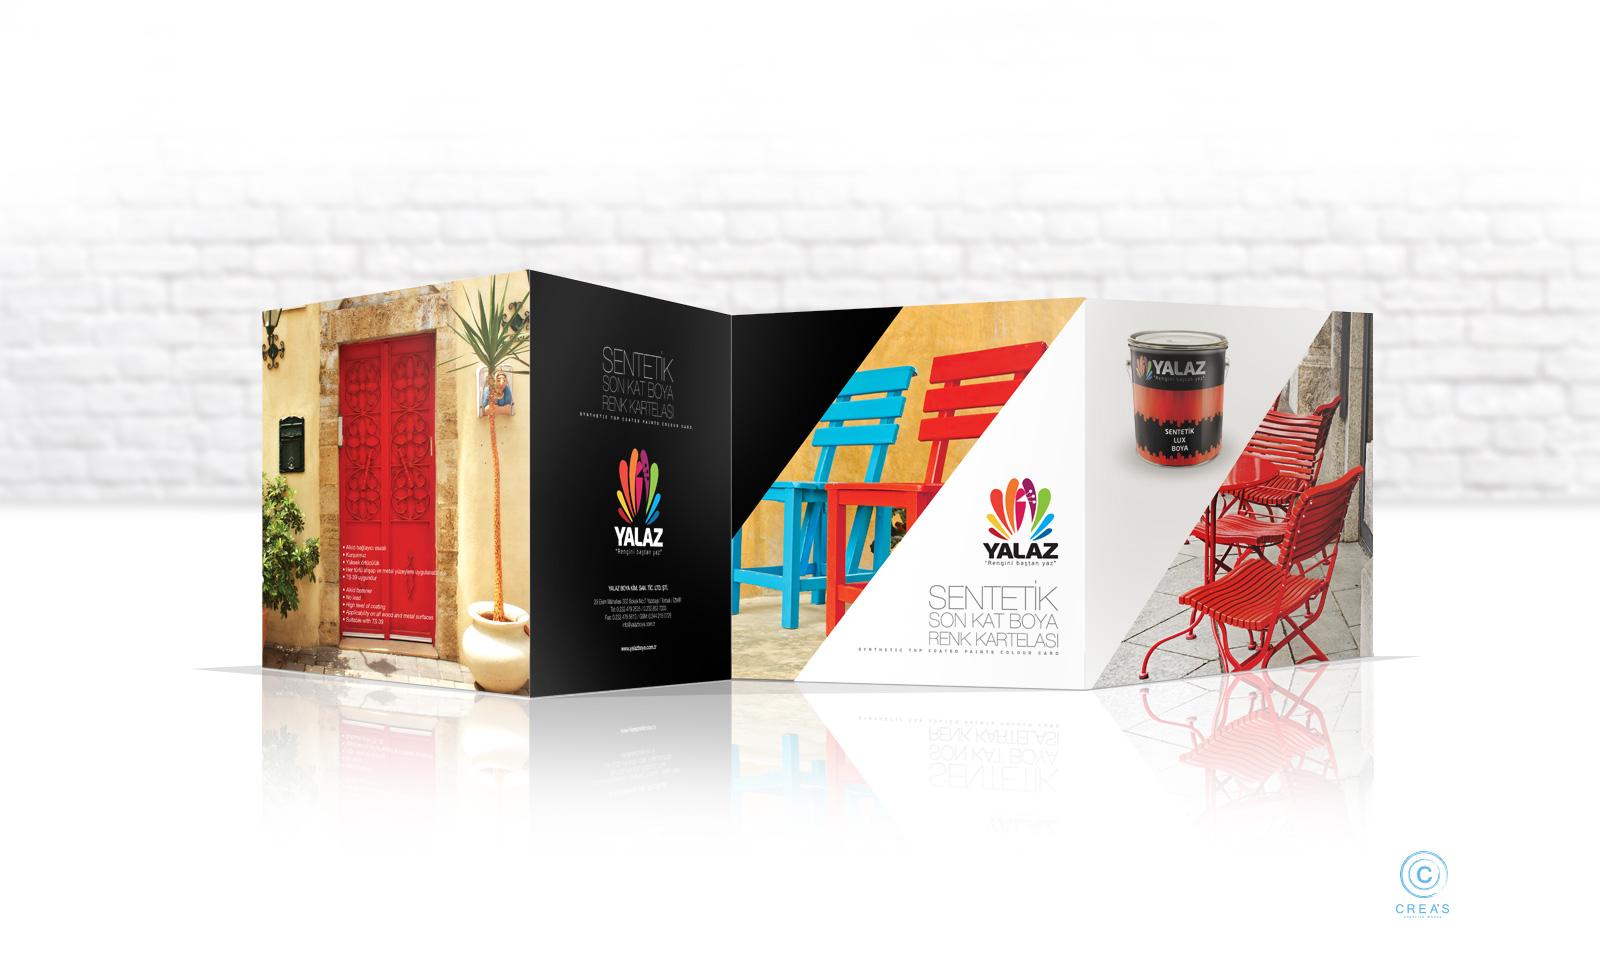 Creas Creative Tasarım ve Reklam Ajansı İzmir - Yalaz Boya Renk Kartela Tasarımı